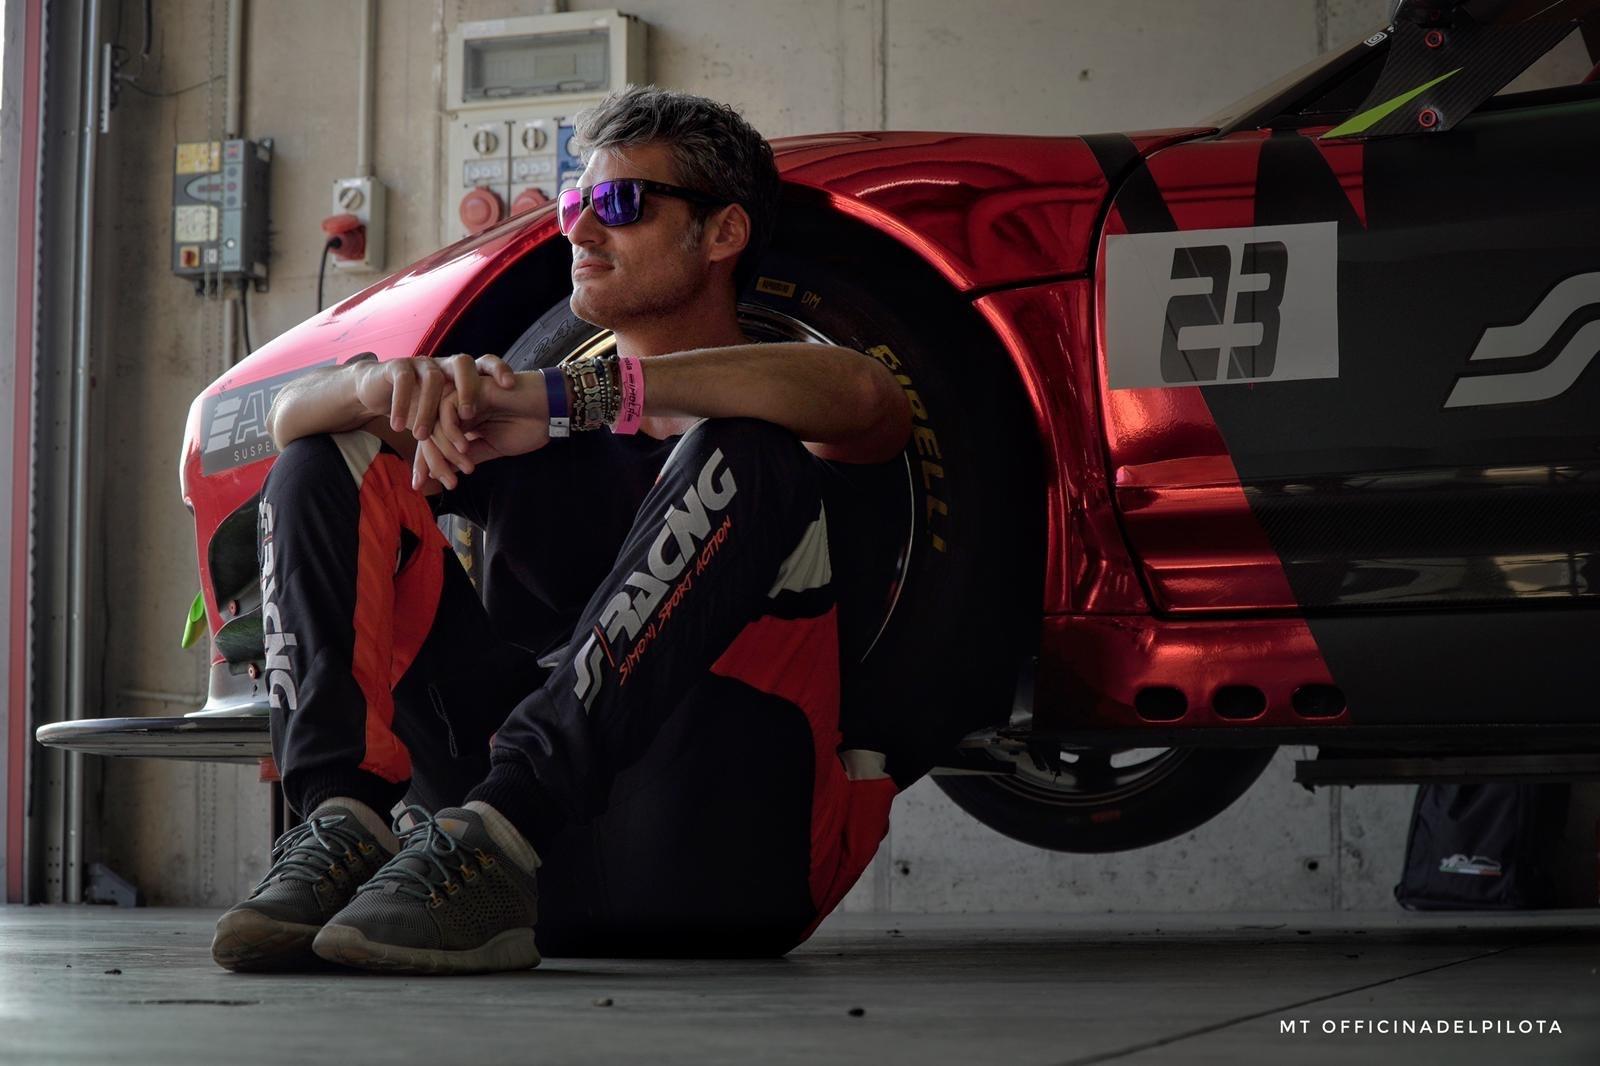 Alan Simoni racing